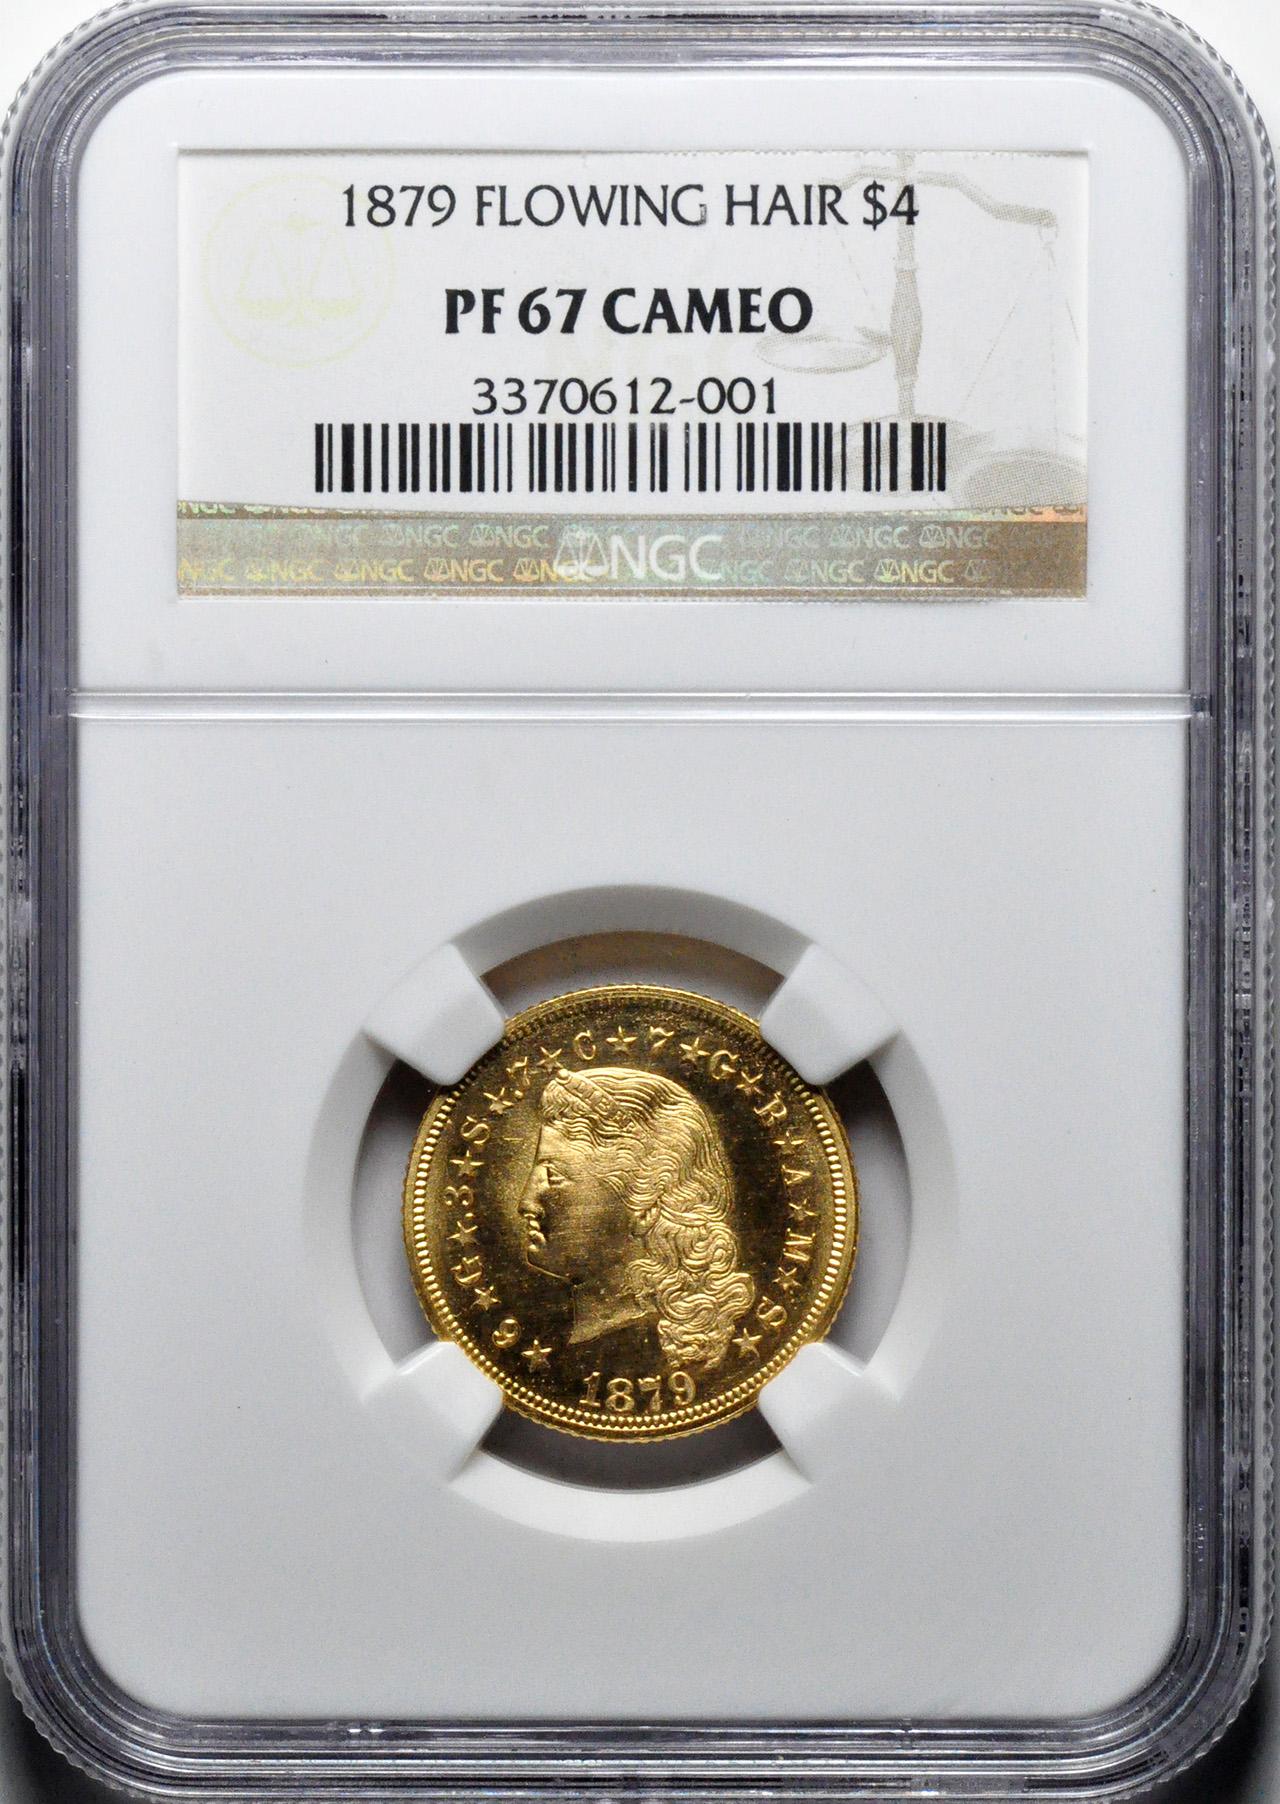 アメリカアンティークコイン4ドルステラ金貨1879 Stella $4 NGC Proof 67 CAM フローイングヘア